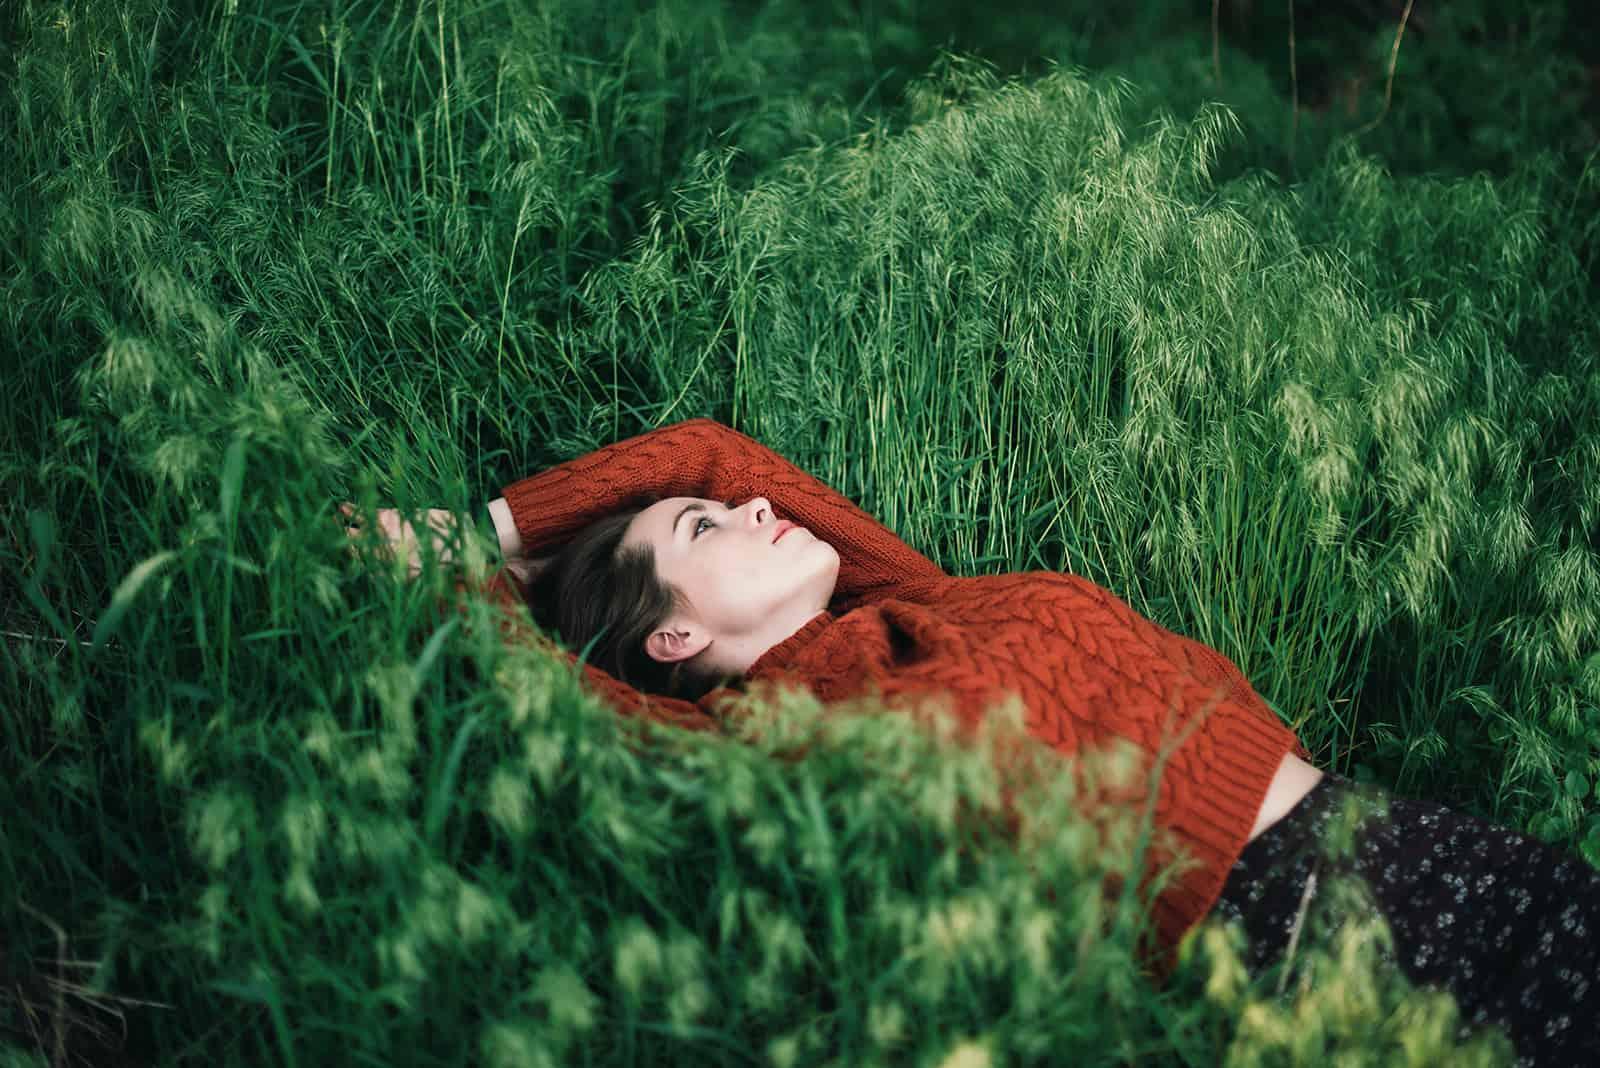 nachdenkliche Frau, die auf einer Wiese liegt und aufschaut